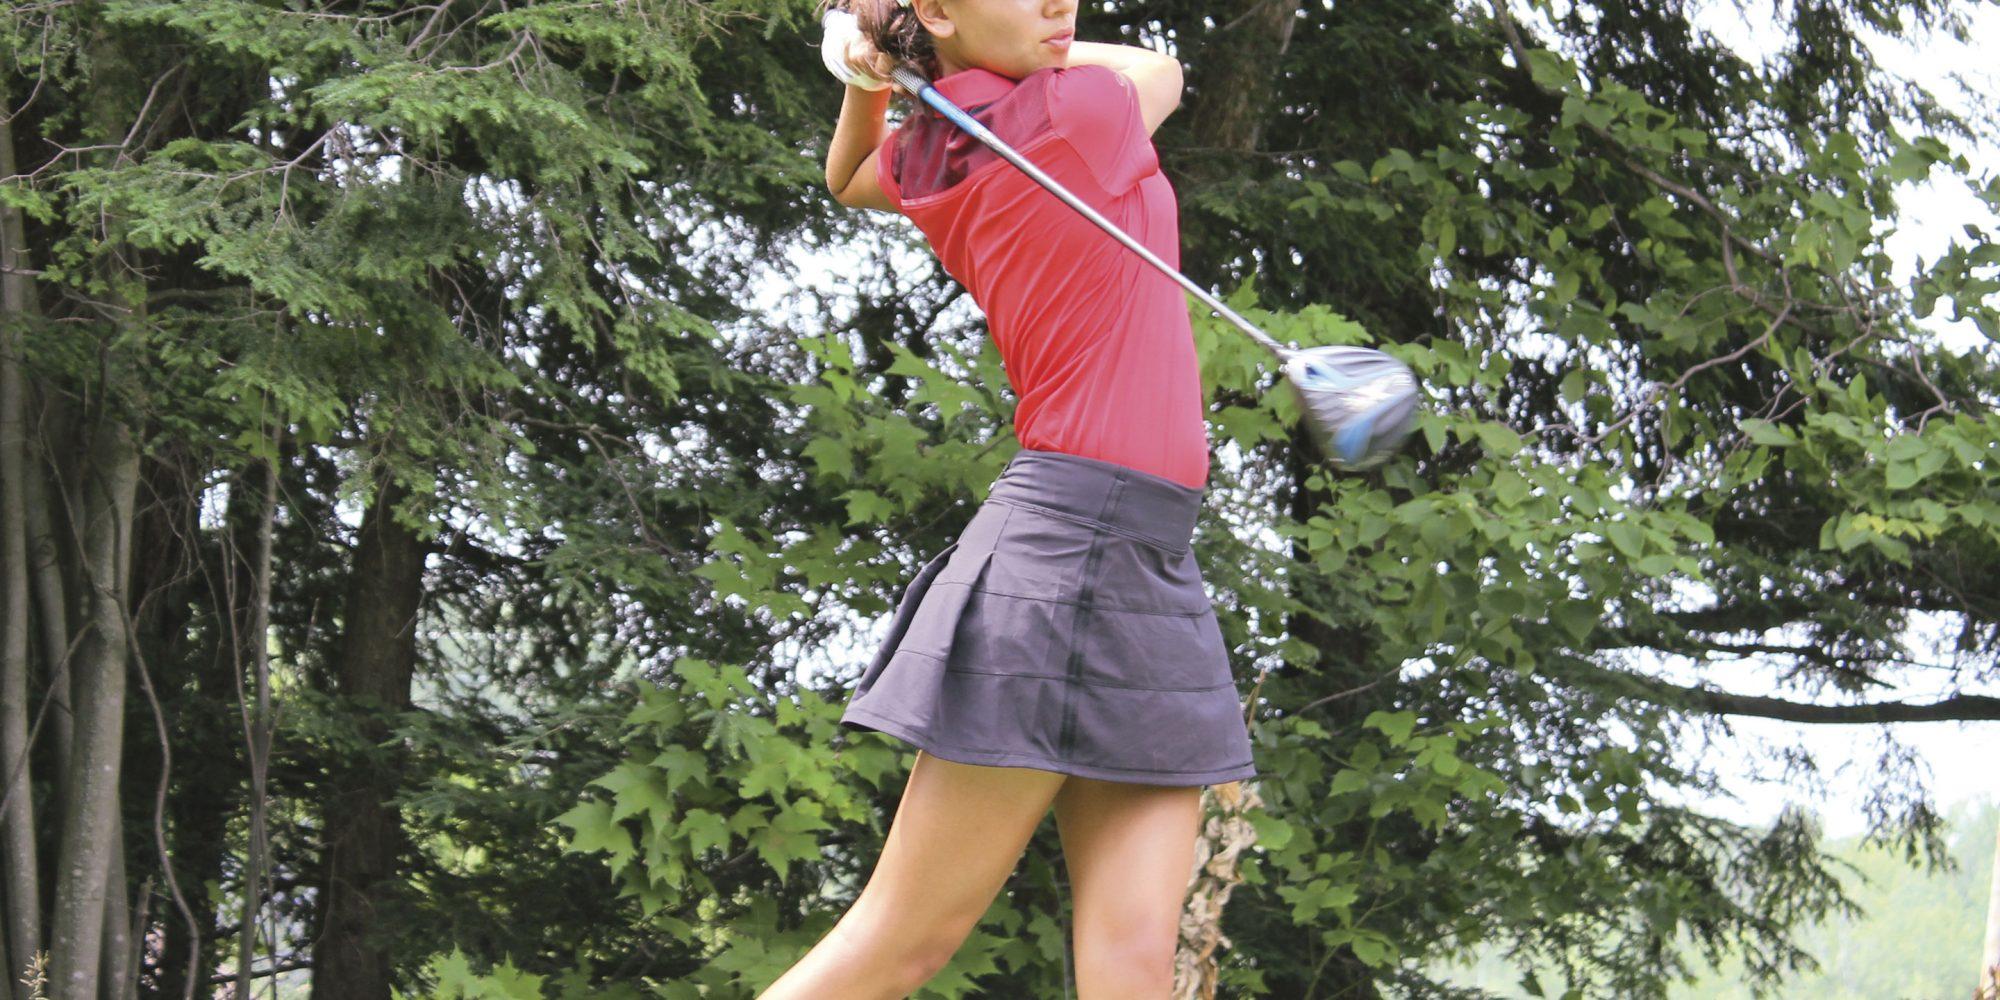 Céleste Dao, golfeuse : La jeune fille qui savait frapper la balle